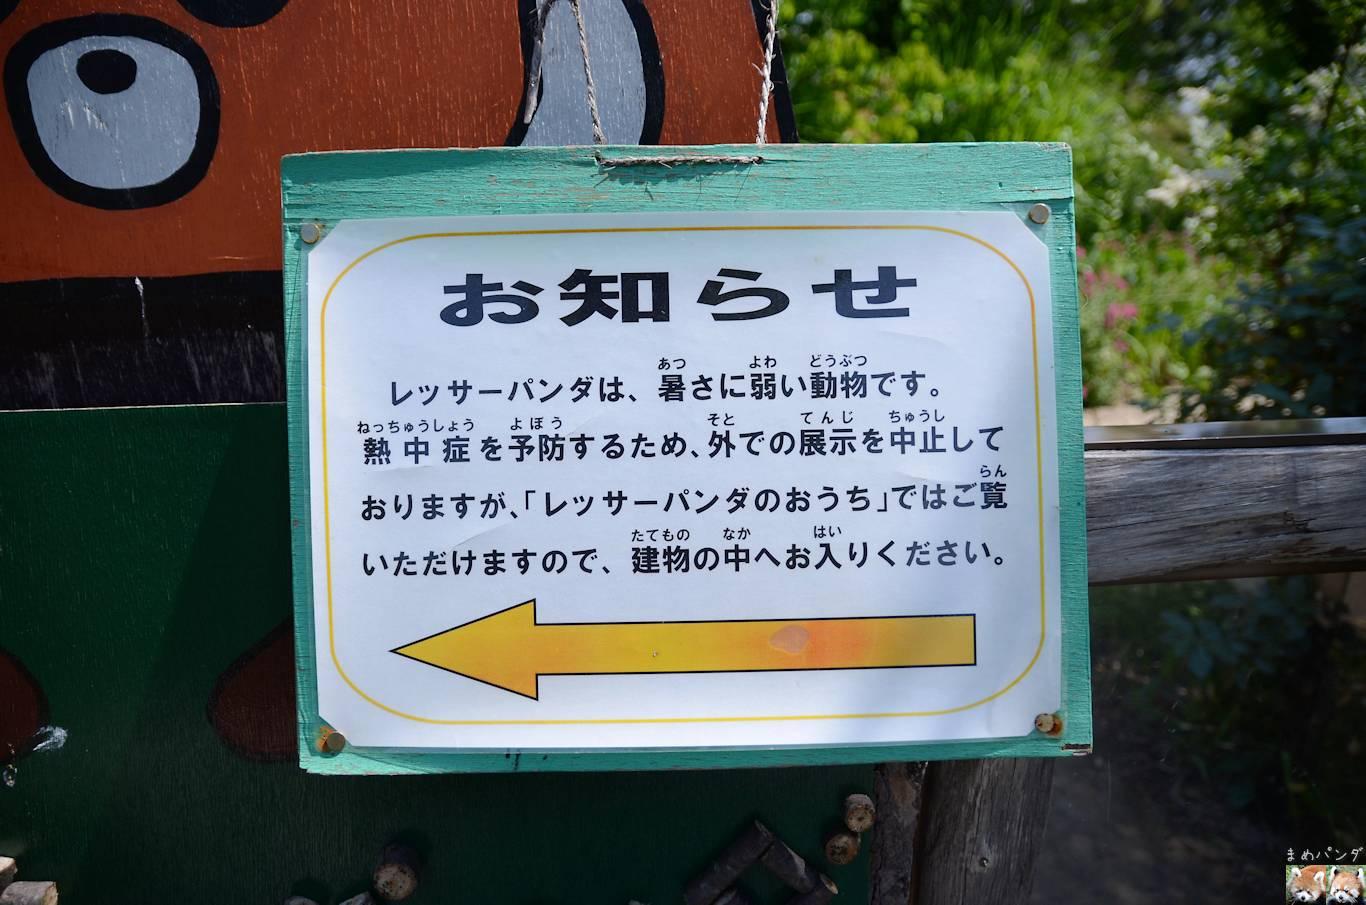 050_4703.jpg